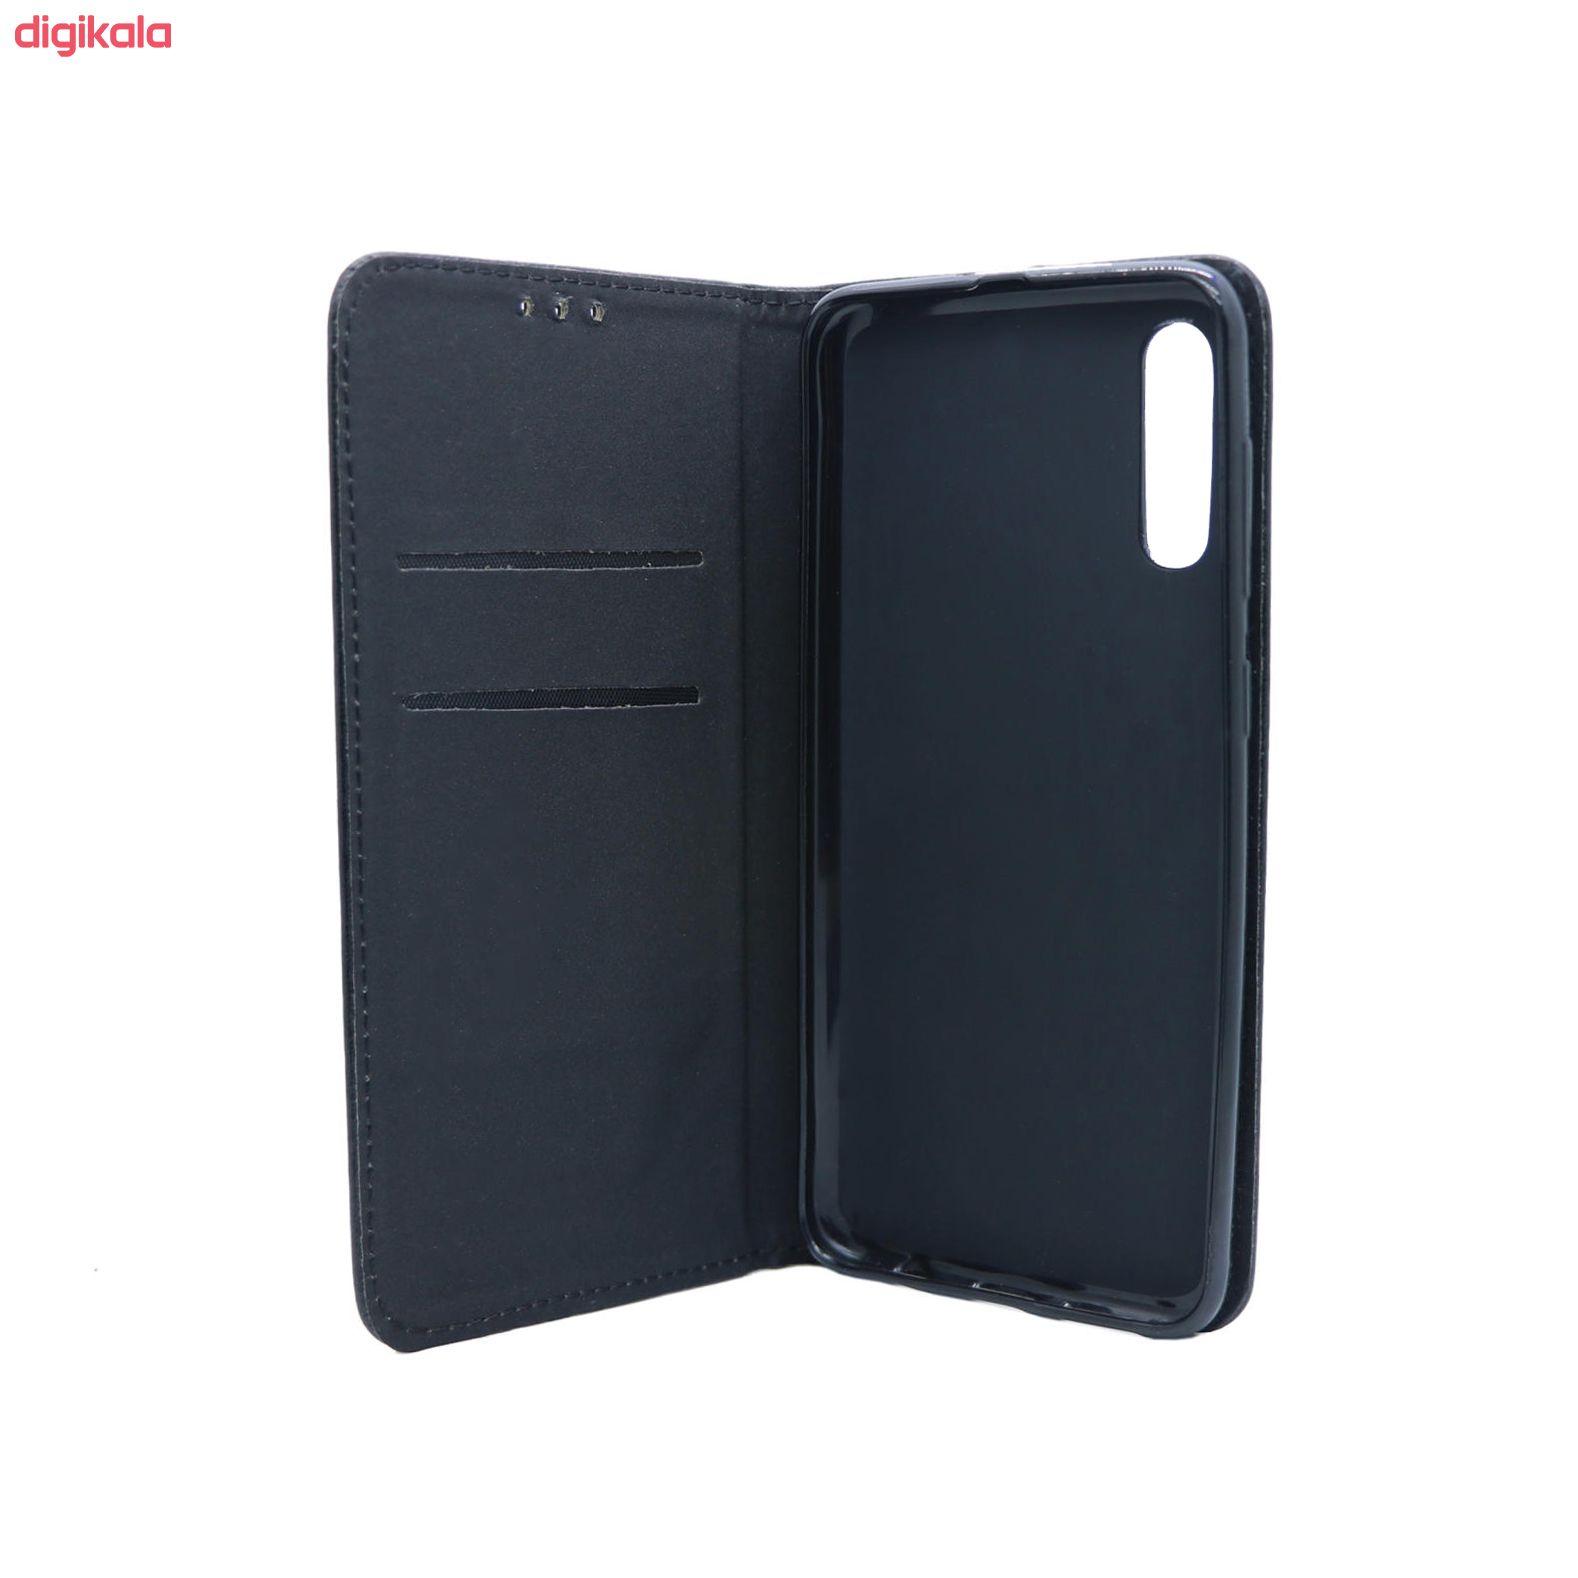 کیف کلاسوری مدل Class1 مناسب برای گوشی موبایل سامسونگ Galaxy A70 main 1 2